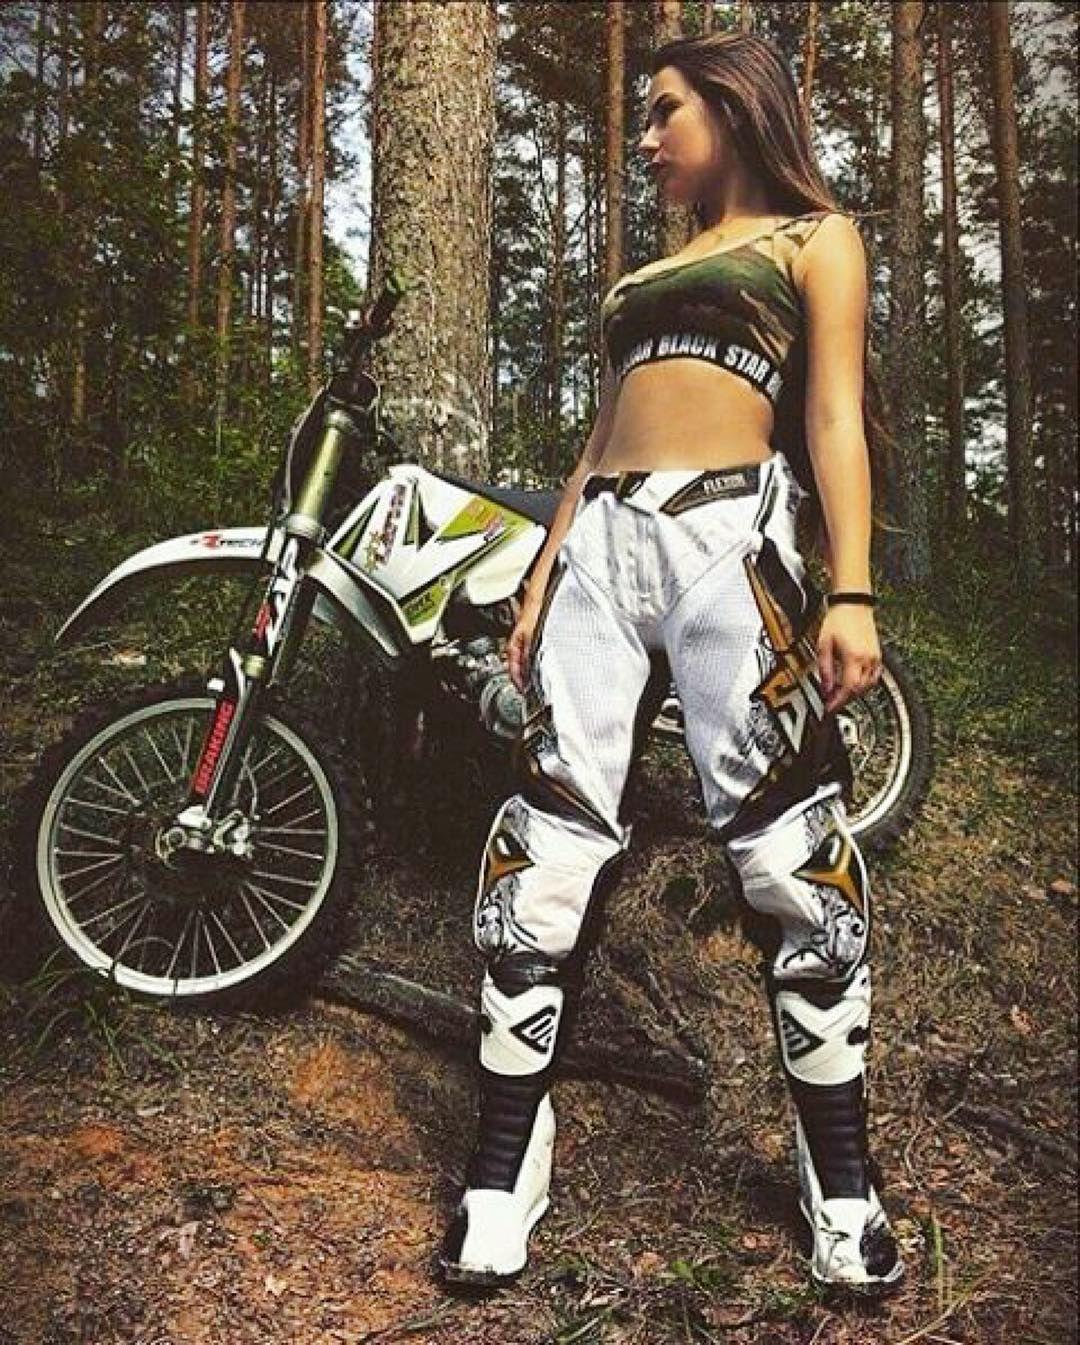 Välittömästi täällä ruudun toisella puolella meni toinen polvi maahan ja löytyi sormus taskusta. #motocross #motocrossgirl #mxgirl #marryme